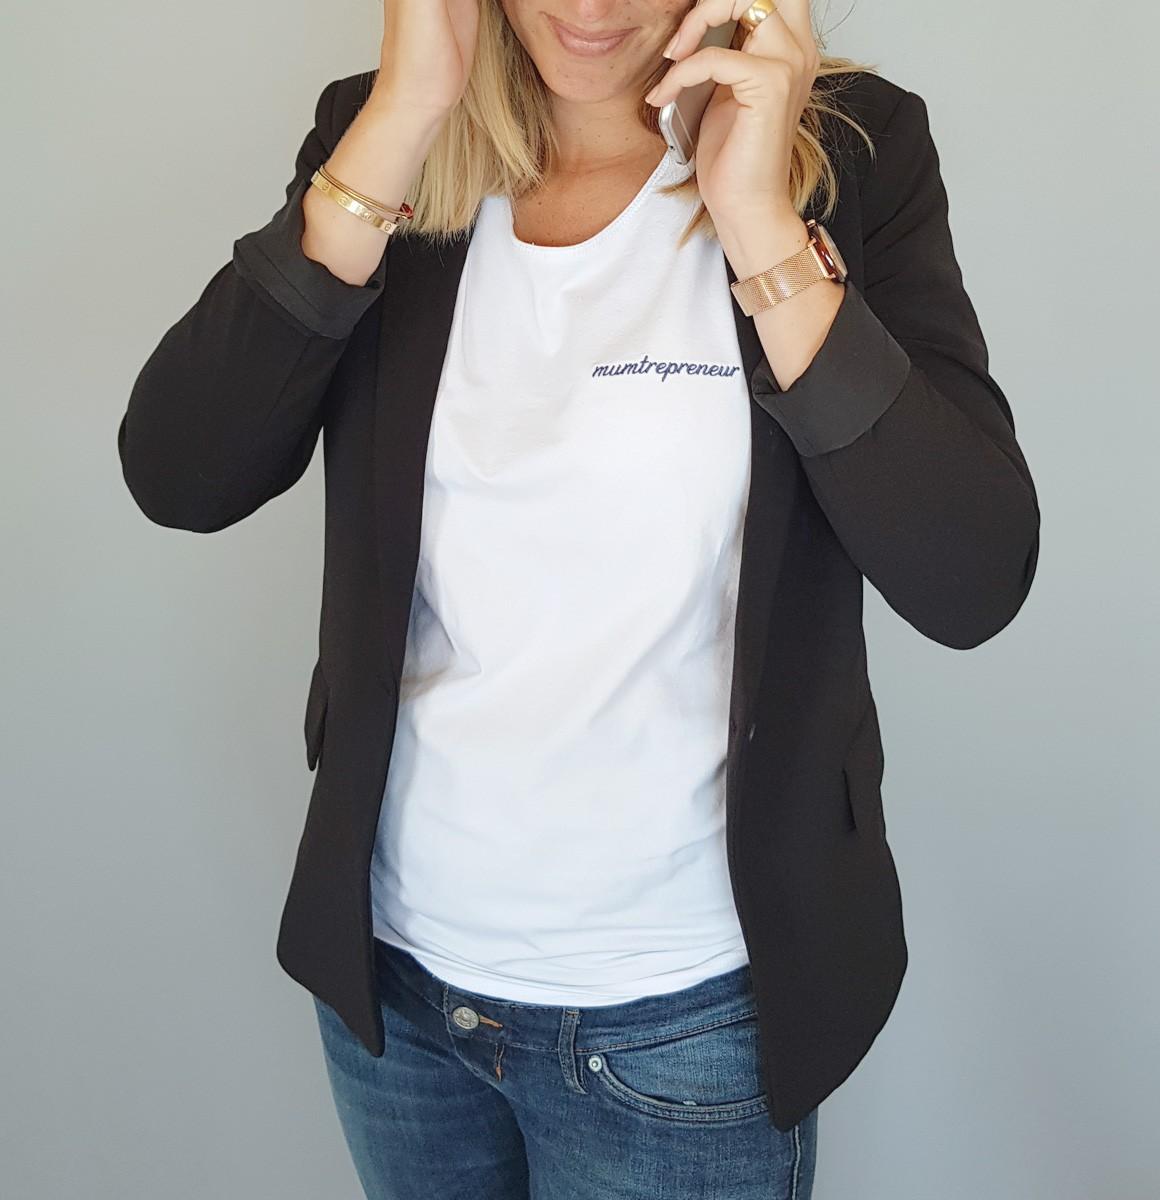 mumtrepreneur-t-shirt-1bis